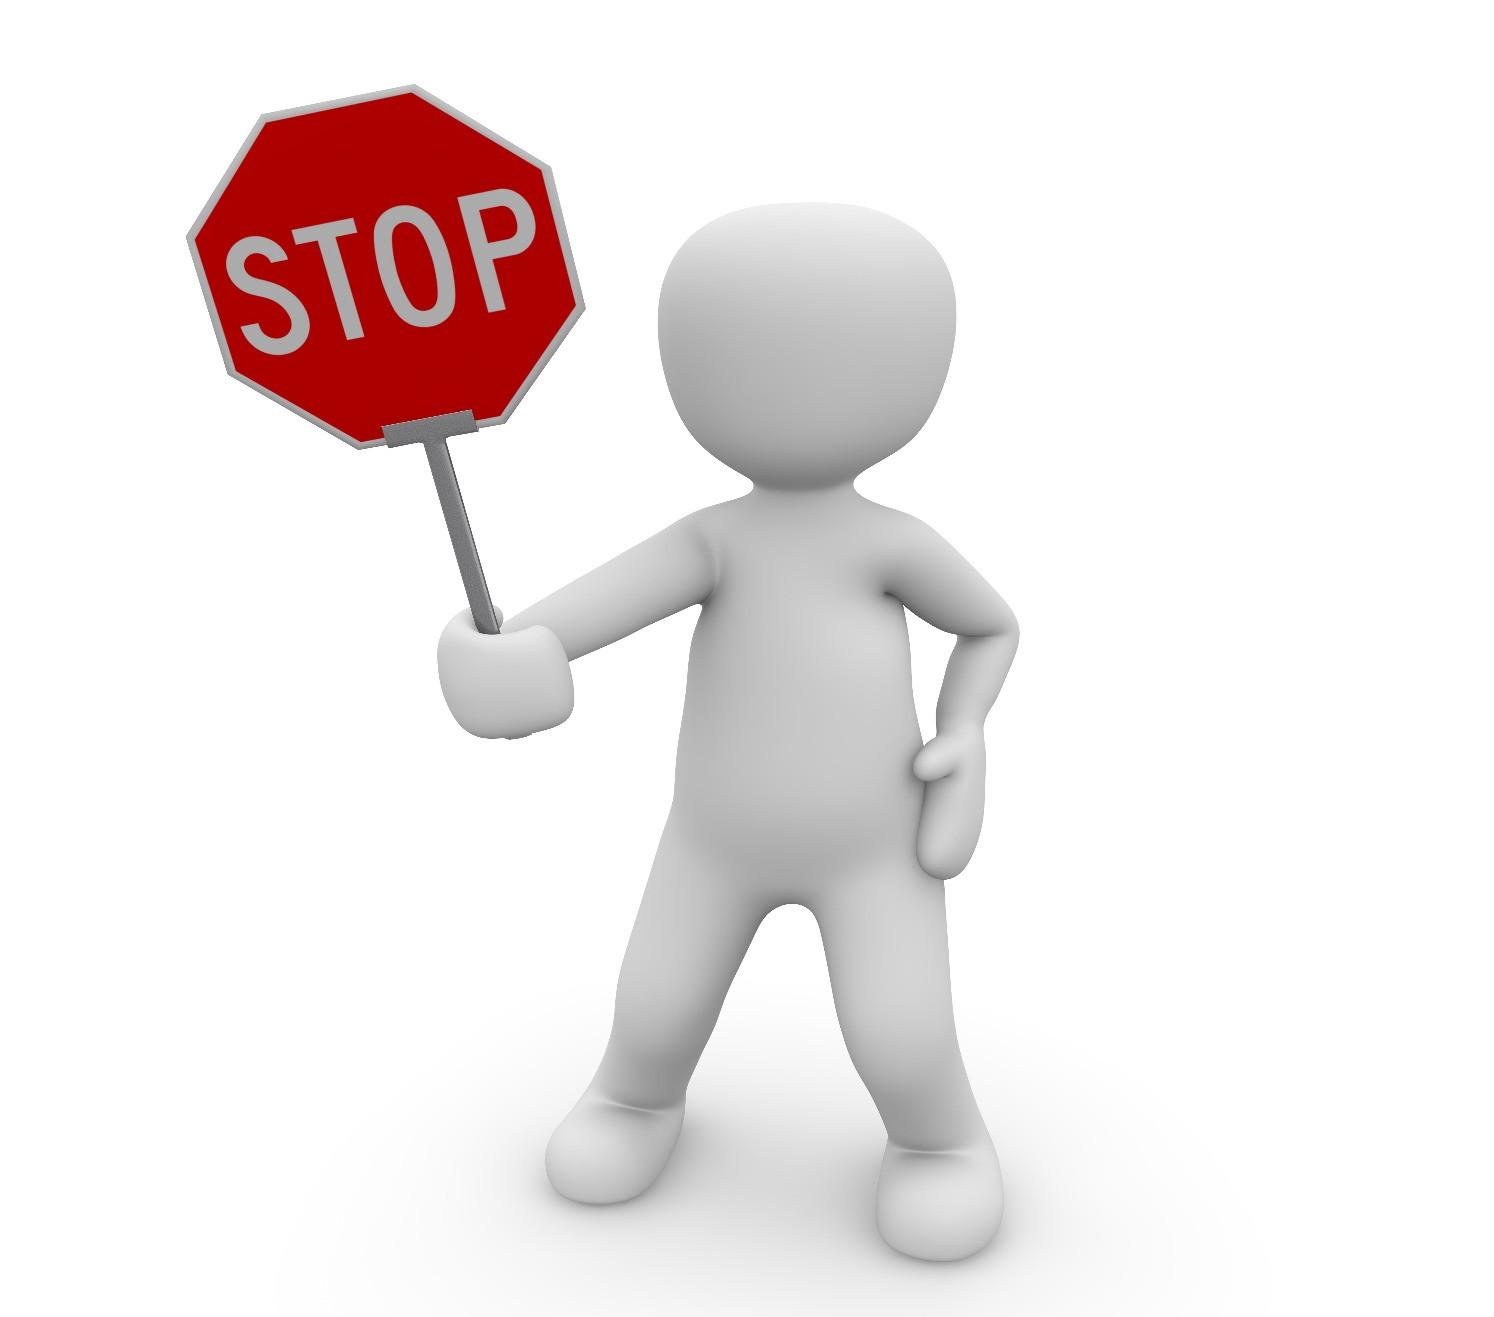 עמוד הבית | המידע על חני סילבר, טיפול בתסמיני הפרעות חרדה ובעיות רגשיות, חני סילבר | מכון פעימות אשדוד